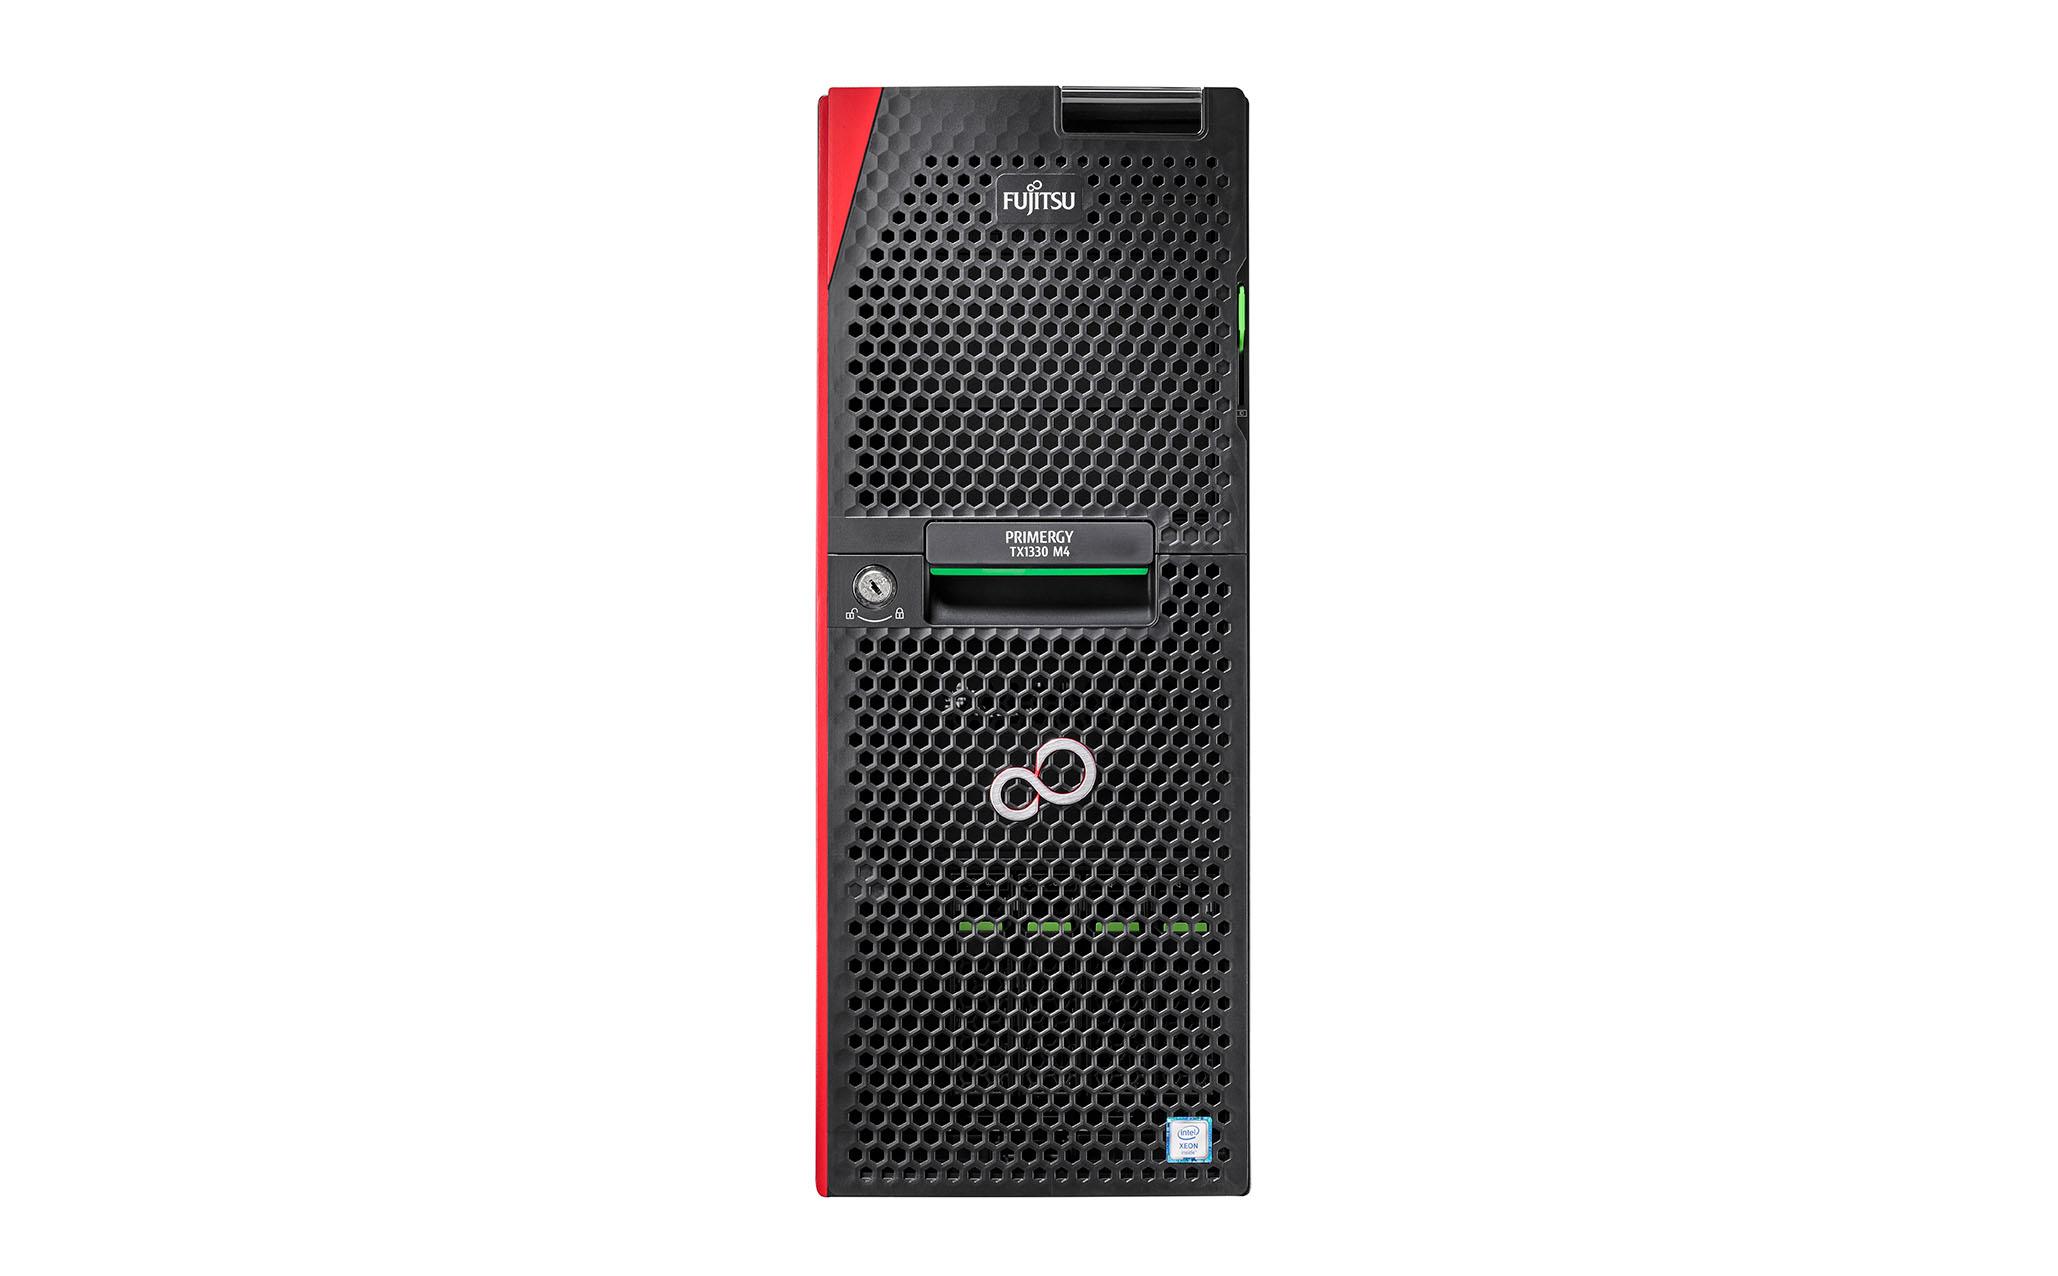 Fujitsu TX1330M4 XEON E-2236 16GB 8SFF 450W - 3,4 GHz - 16 GB